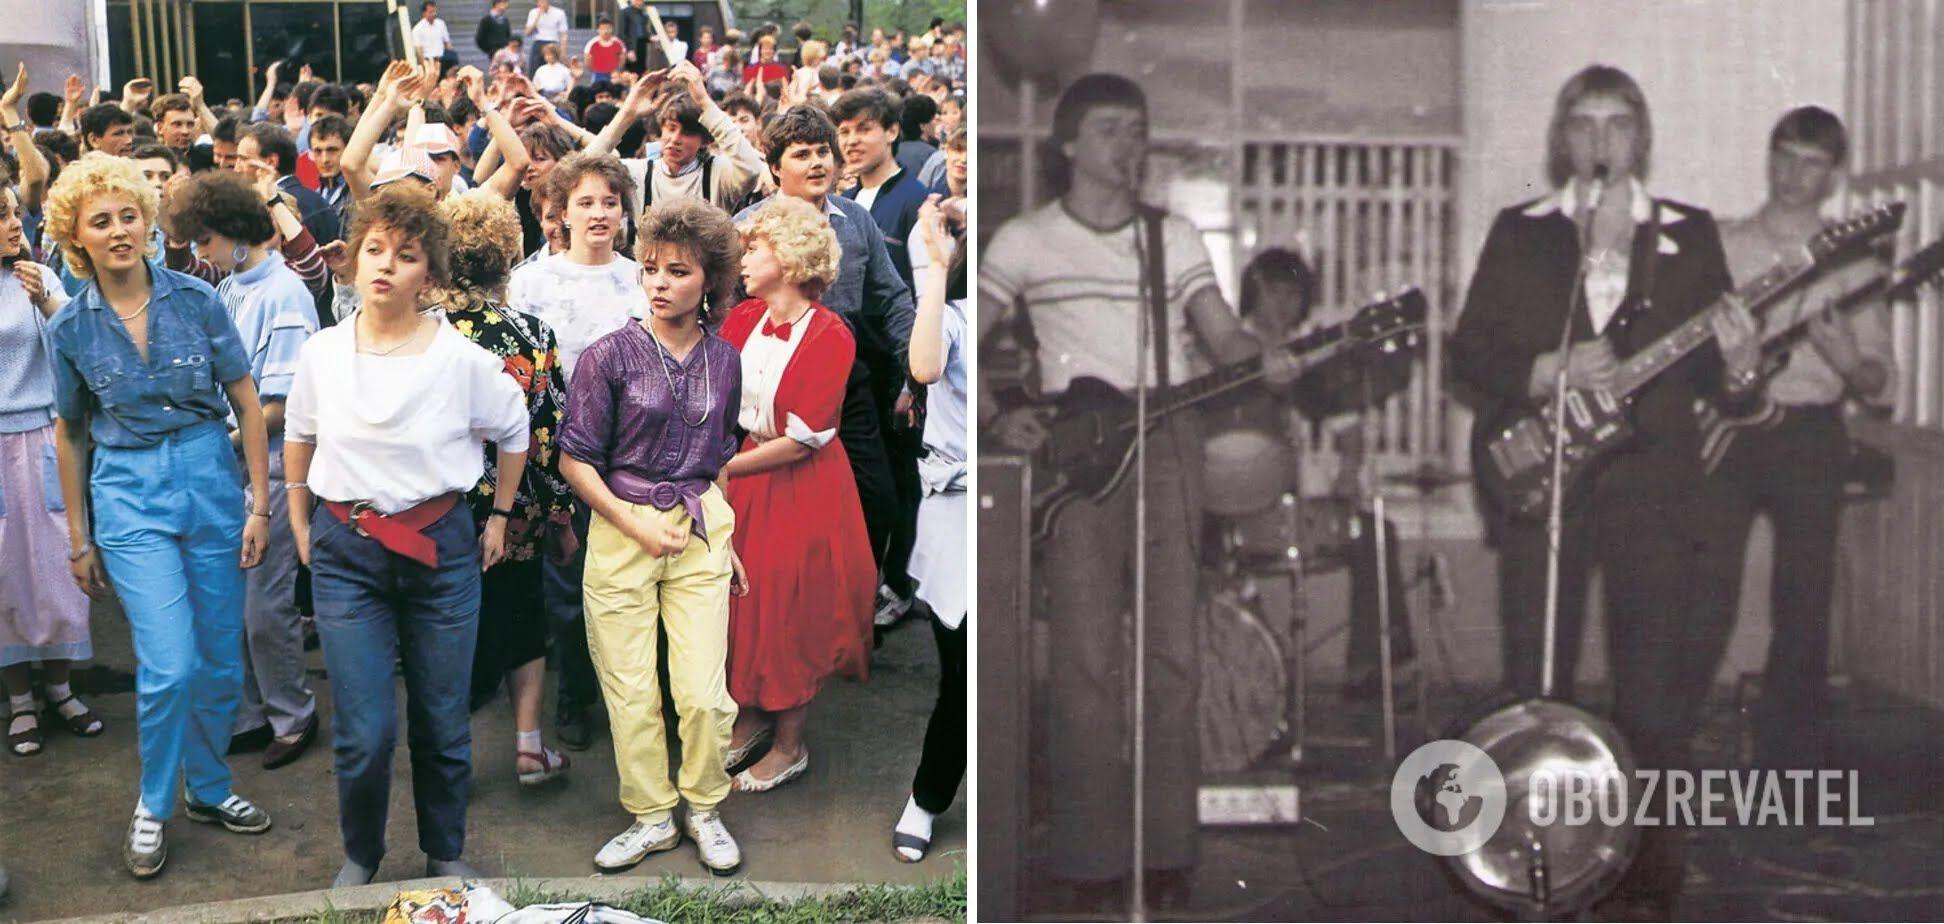 Молодь обожнювала відвідувати дискотеки